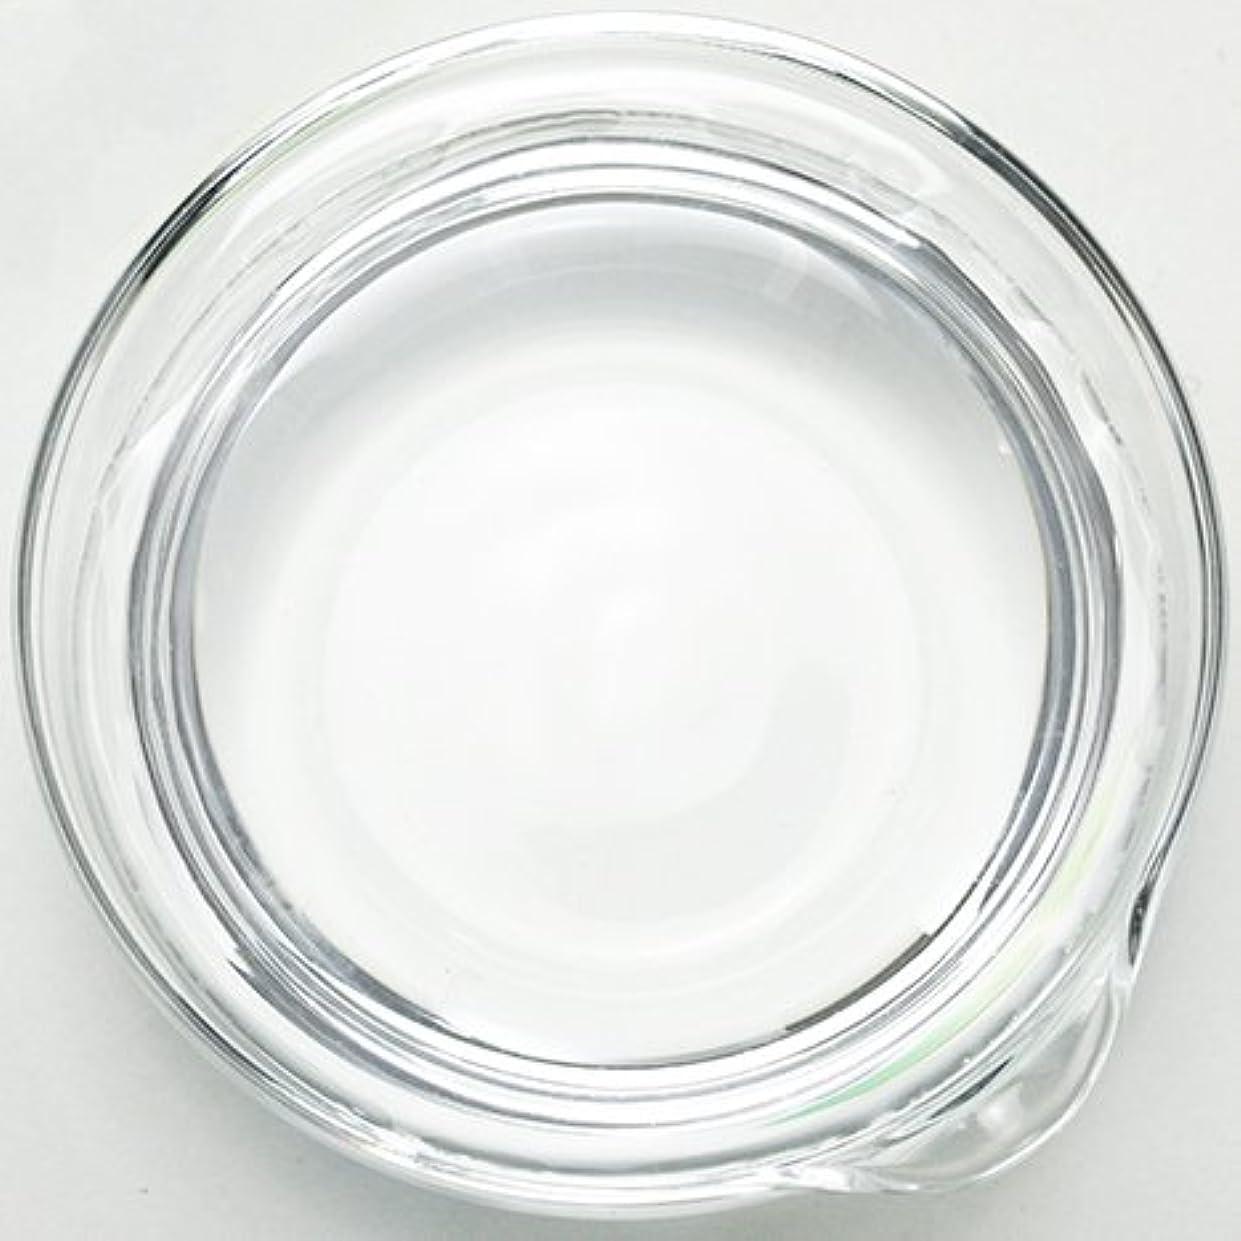 薬理学トラブルオペレーター濃グリセリン[植物性] 100ml 【手作り石鹸/手作りコスメ】